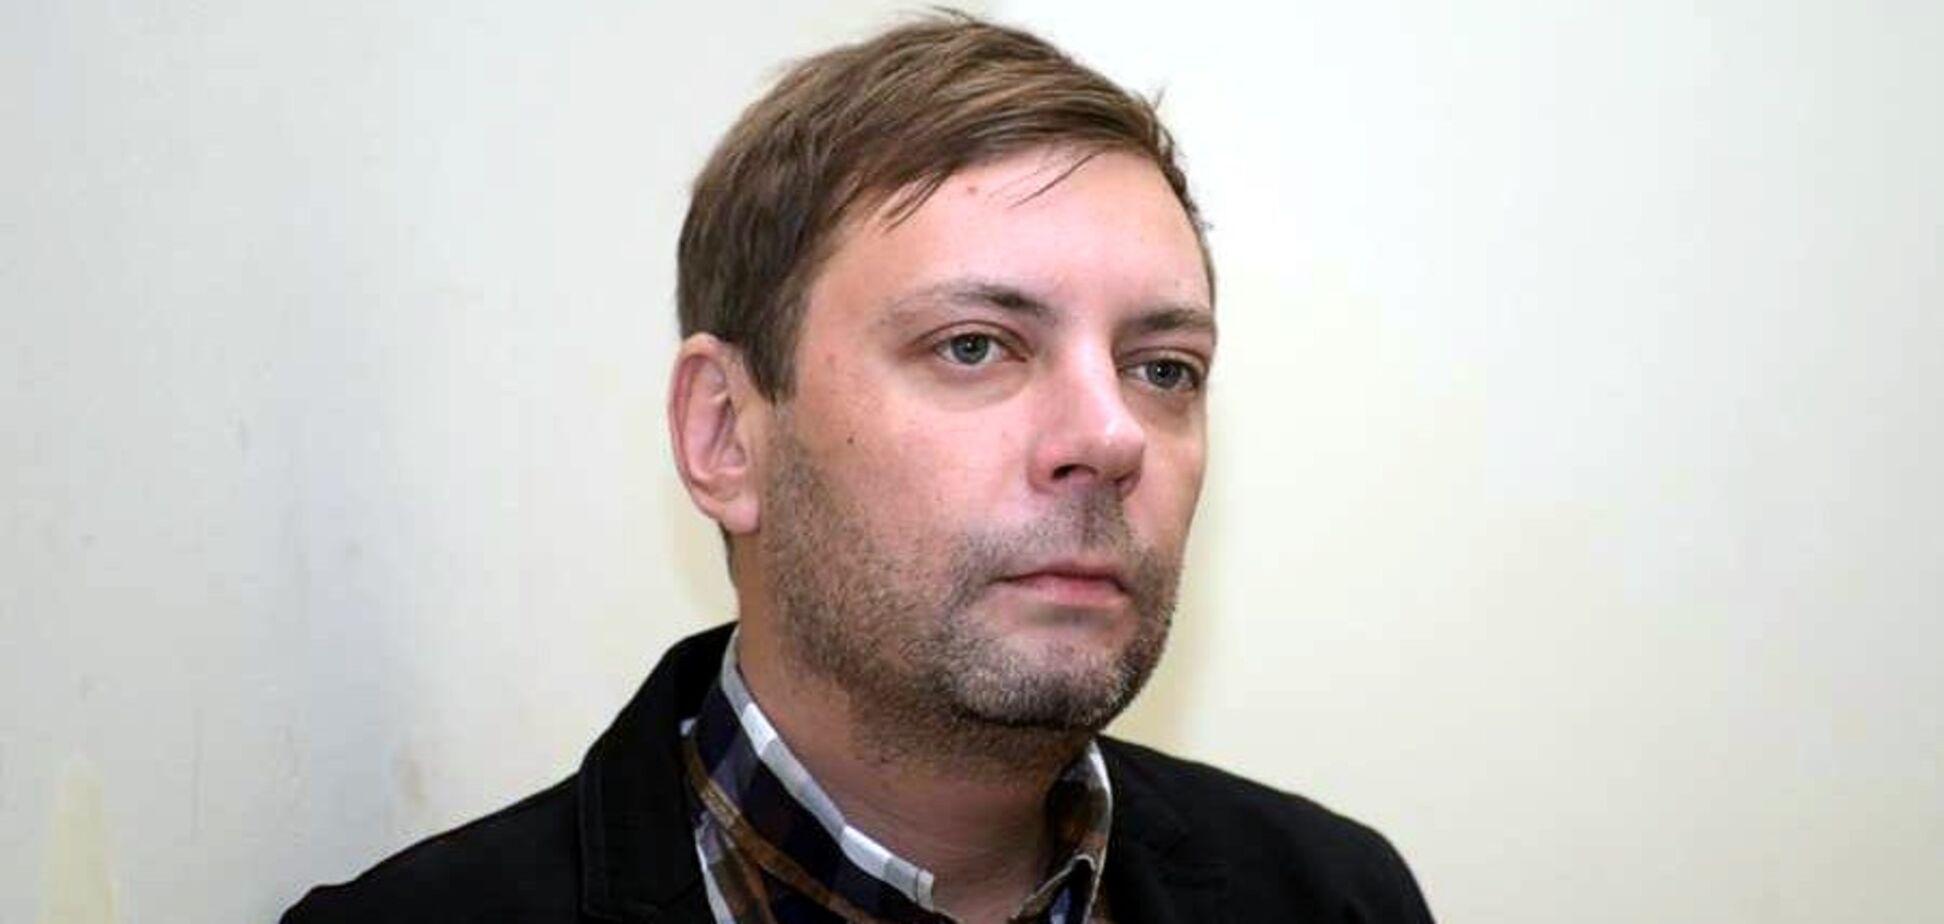 Злостный 'экстремист': в России заочно арестовали пресс-секретаря 'Правого сектора'